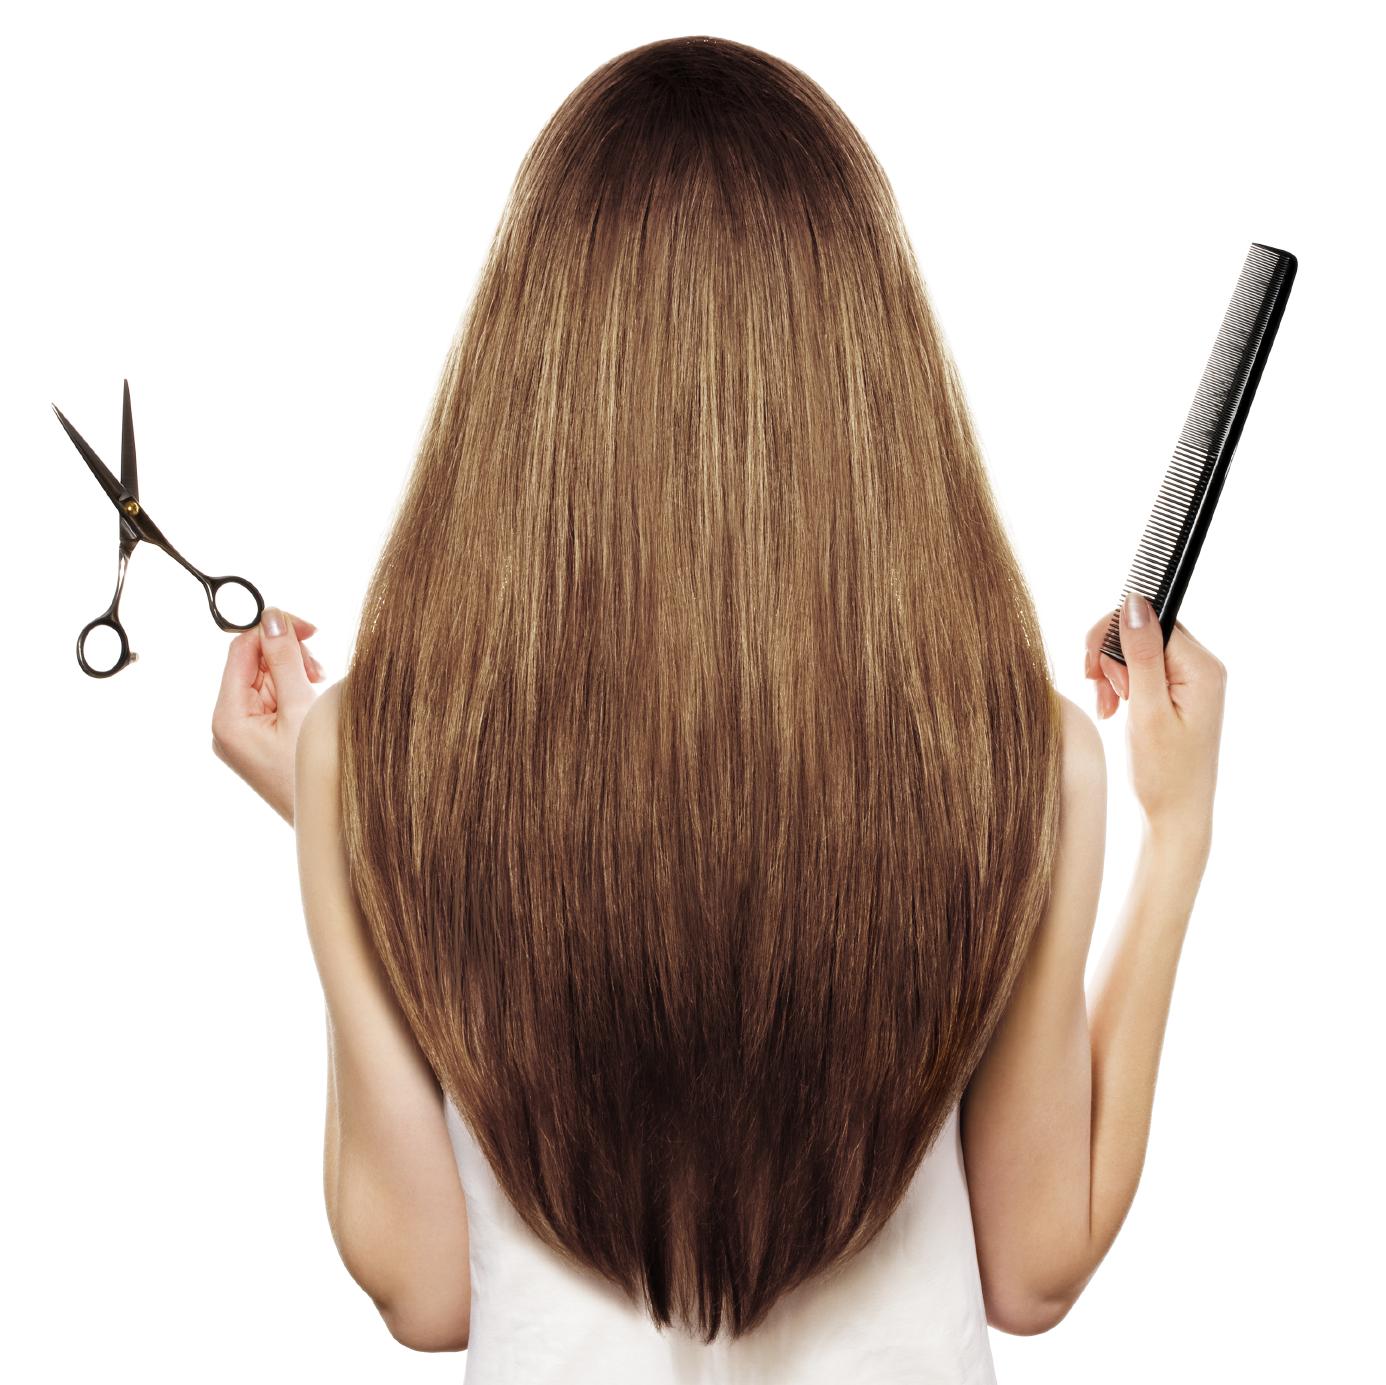 Как красиво подстричь длинные волосы сзади